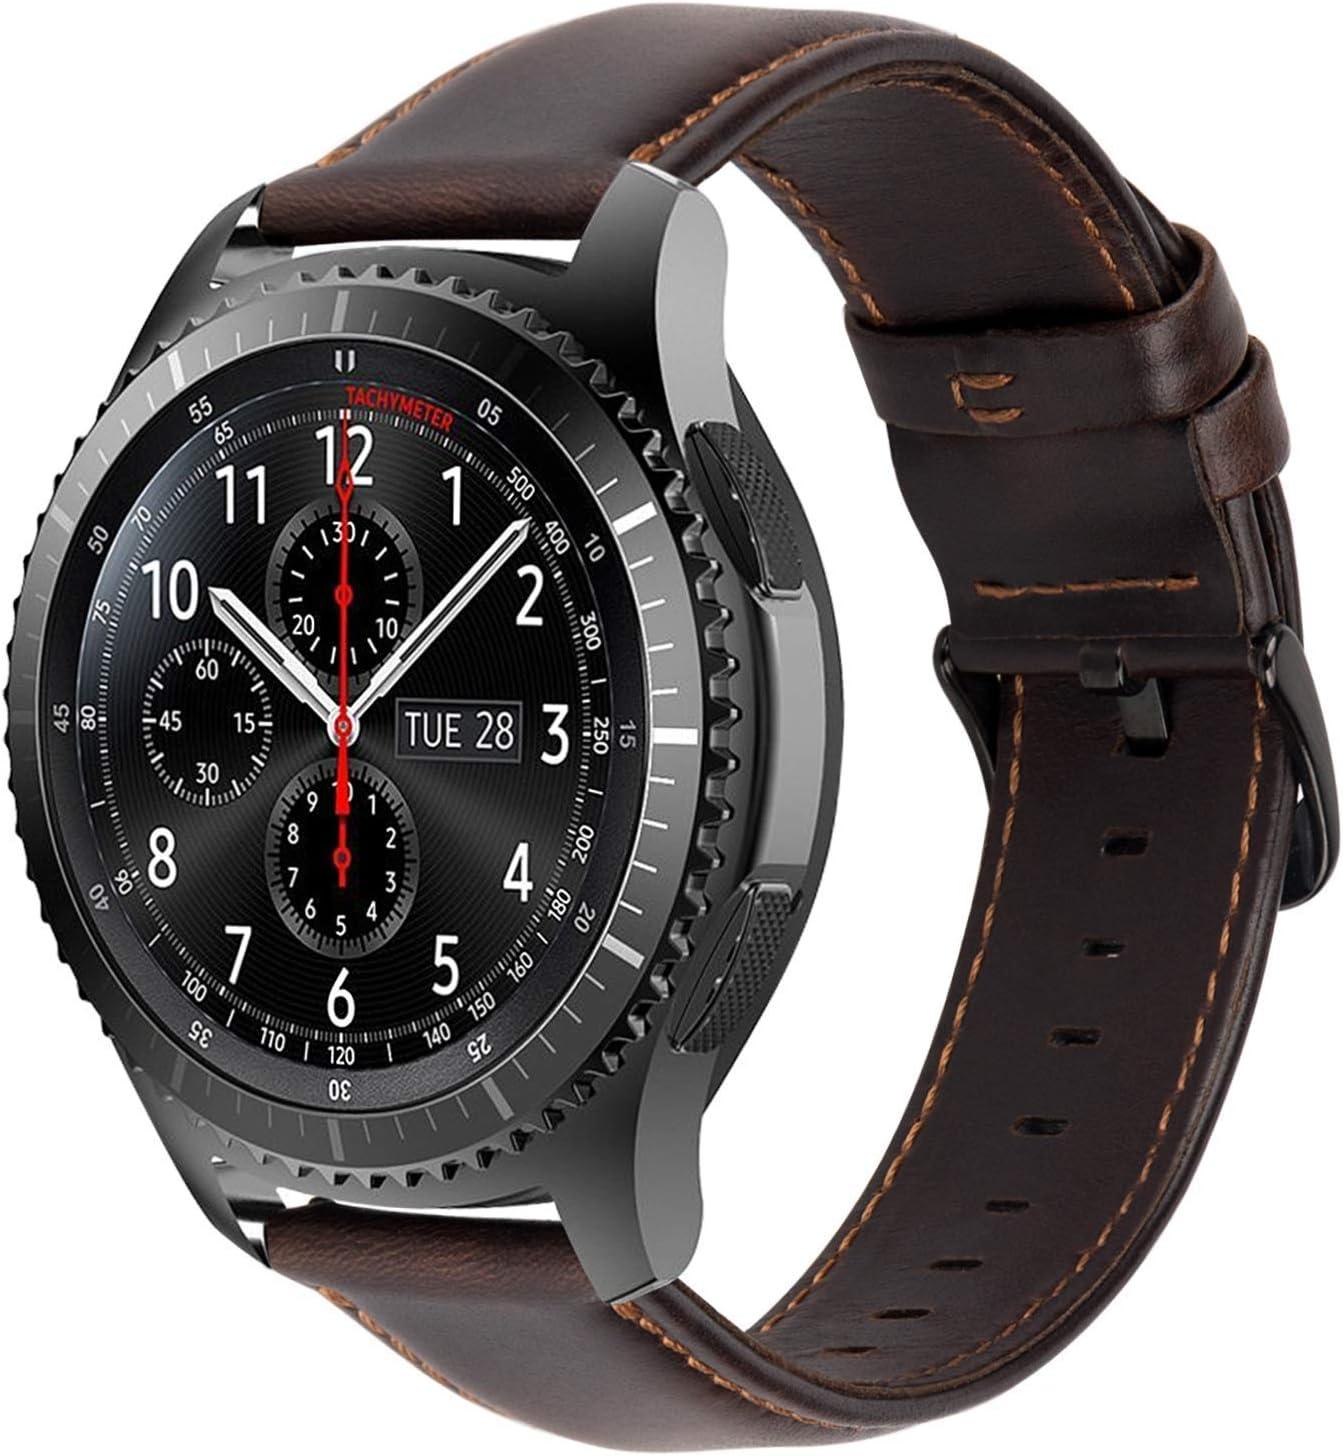 iBazal 22mm Correas Cuero Piel Pulseras Bandas Compatible con Samsung Galaxy Watch 46mm,Gear S3 Frontier Classic,Huawei GT/2 Classic/Honor Magic,Ticwatch Pro Hombres Band (Reloj No Incluido) - Café